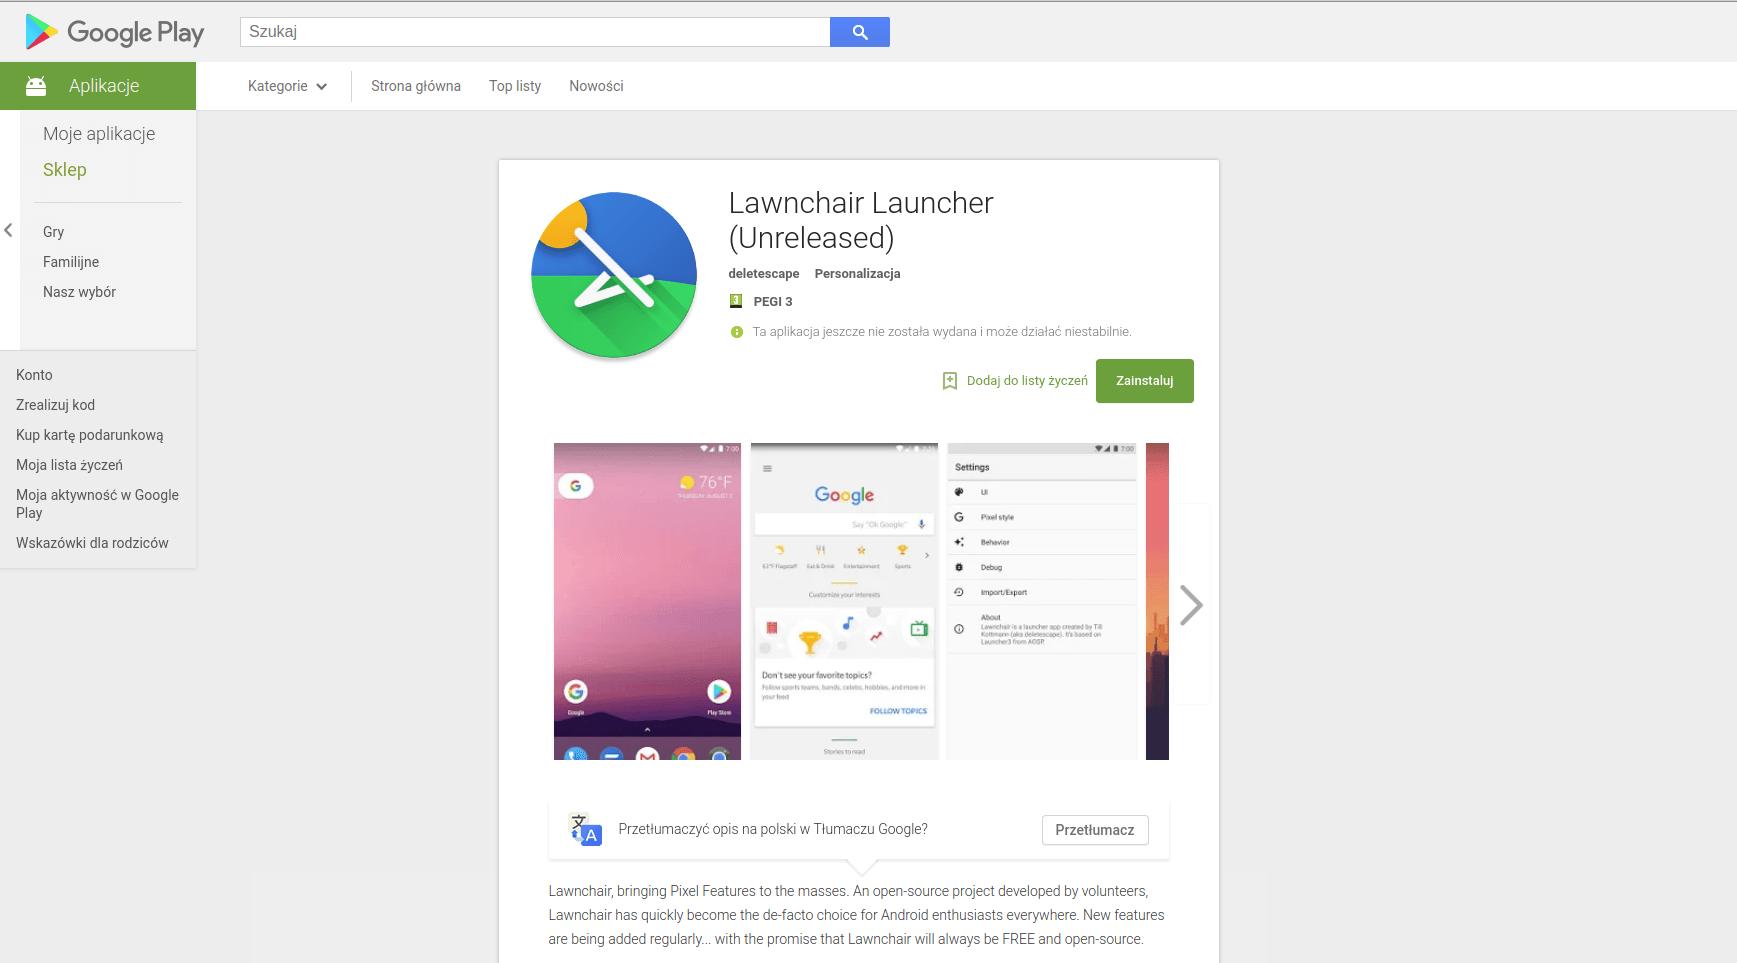 Tabletowo.pl W Sklepie Play znajdziecie kolejny, bardzo ciekawy launcher - Lawnchair Launcher Android Aplikacje Nowości